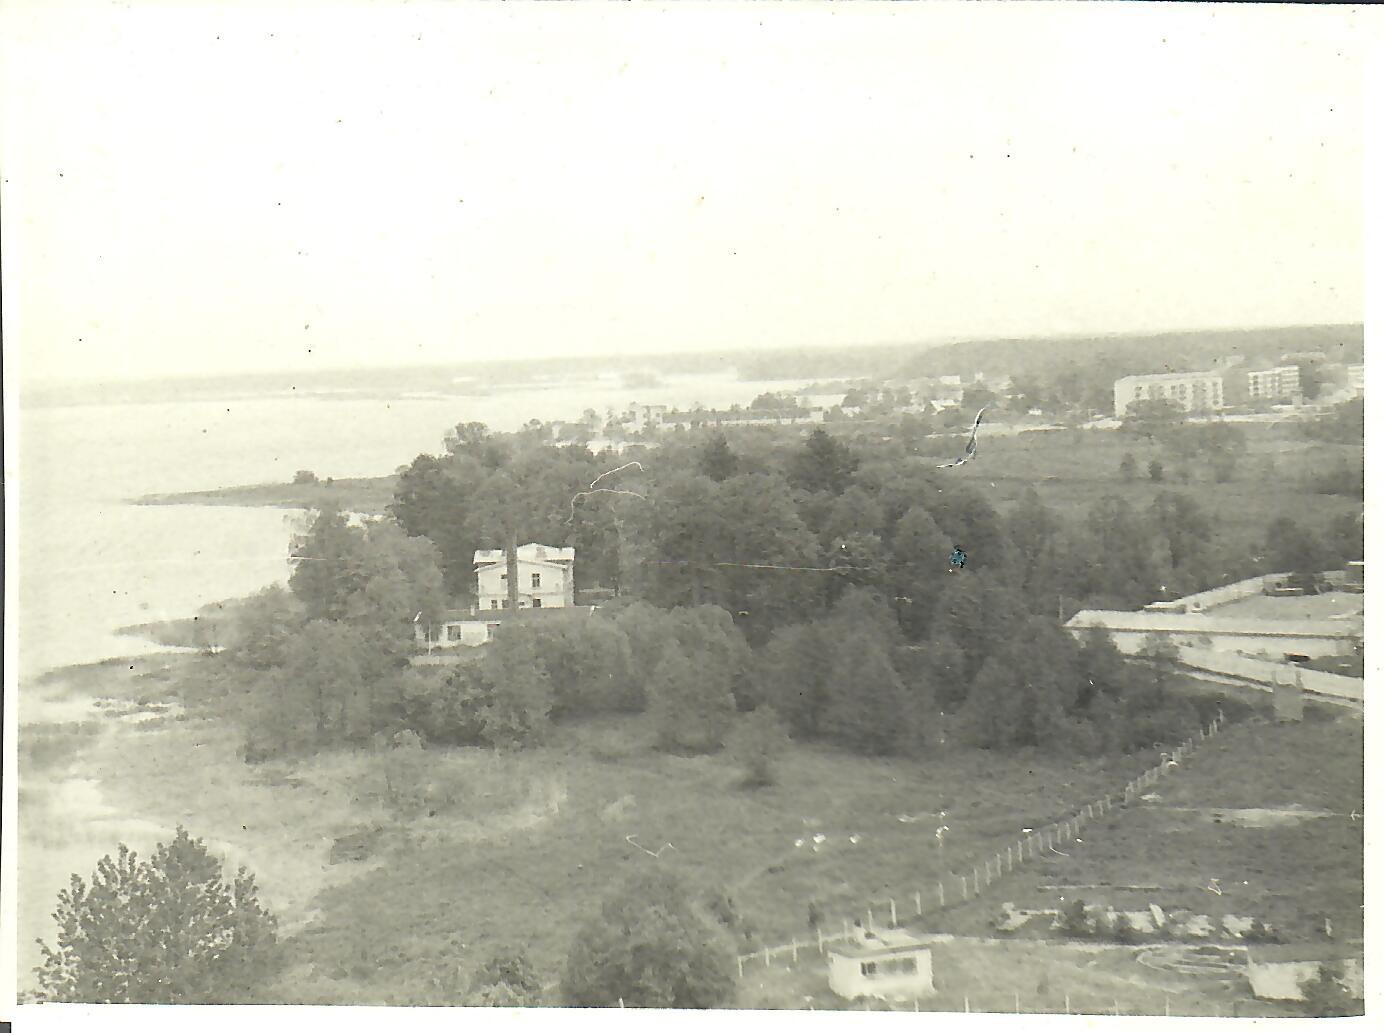 Skats uz Krēgermuižu 1981.gada vasarā. Attēls uzņemts no 13.korpusa jumta (Foto no V.Kārkliņa arhīva)